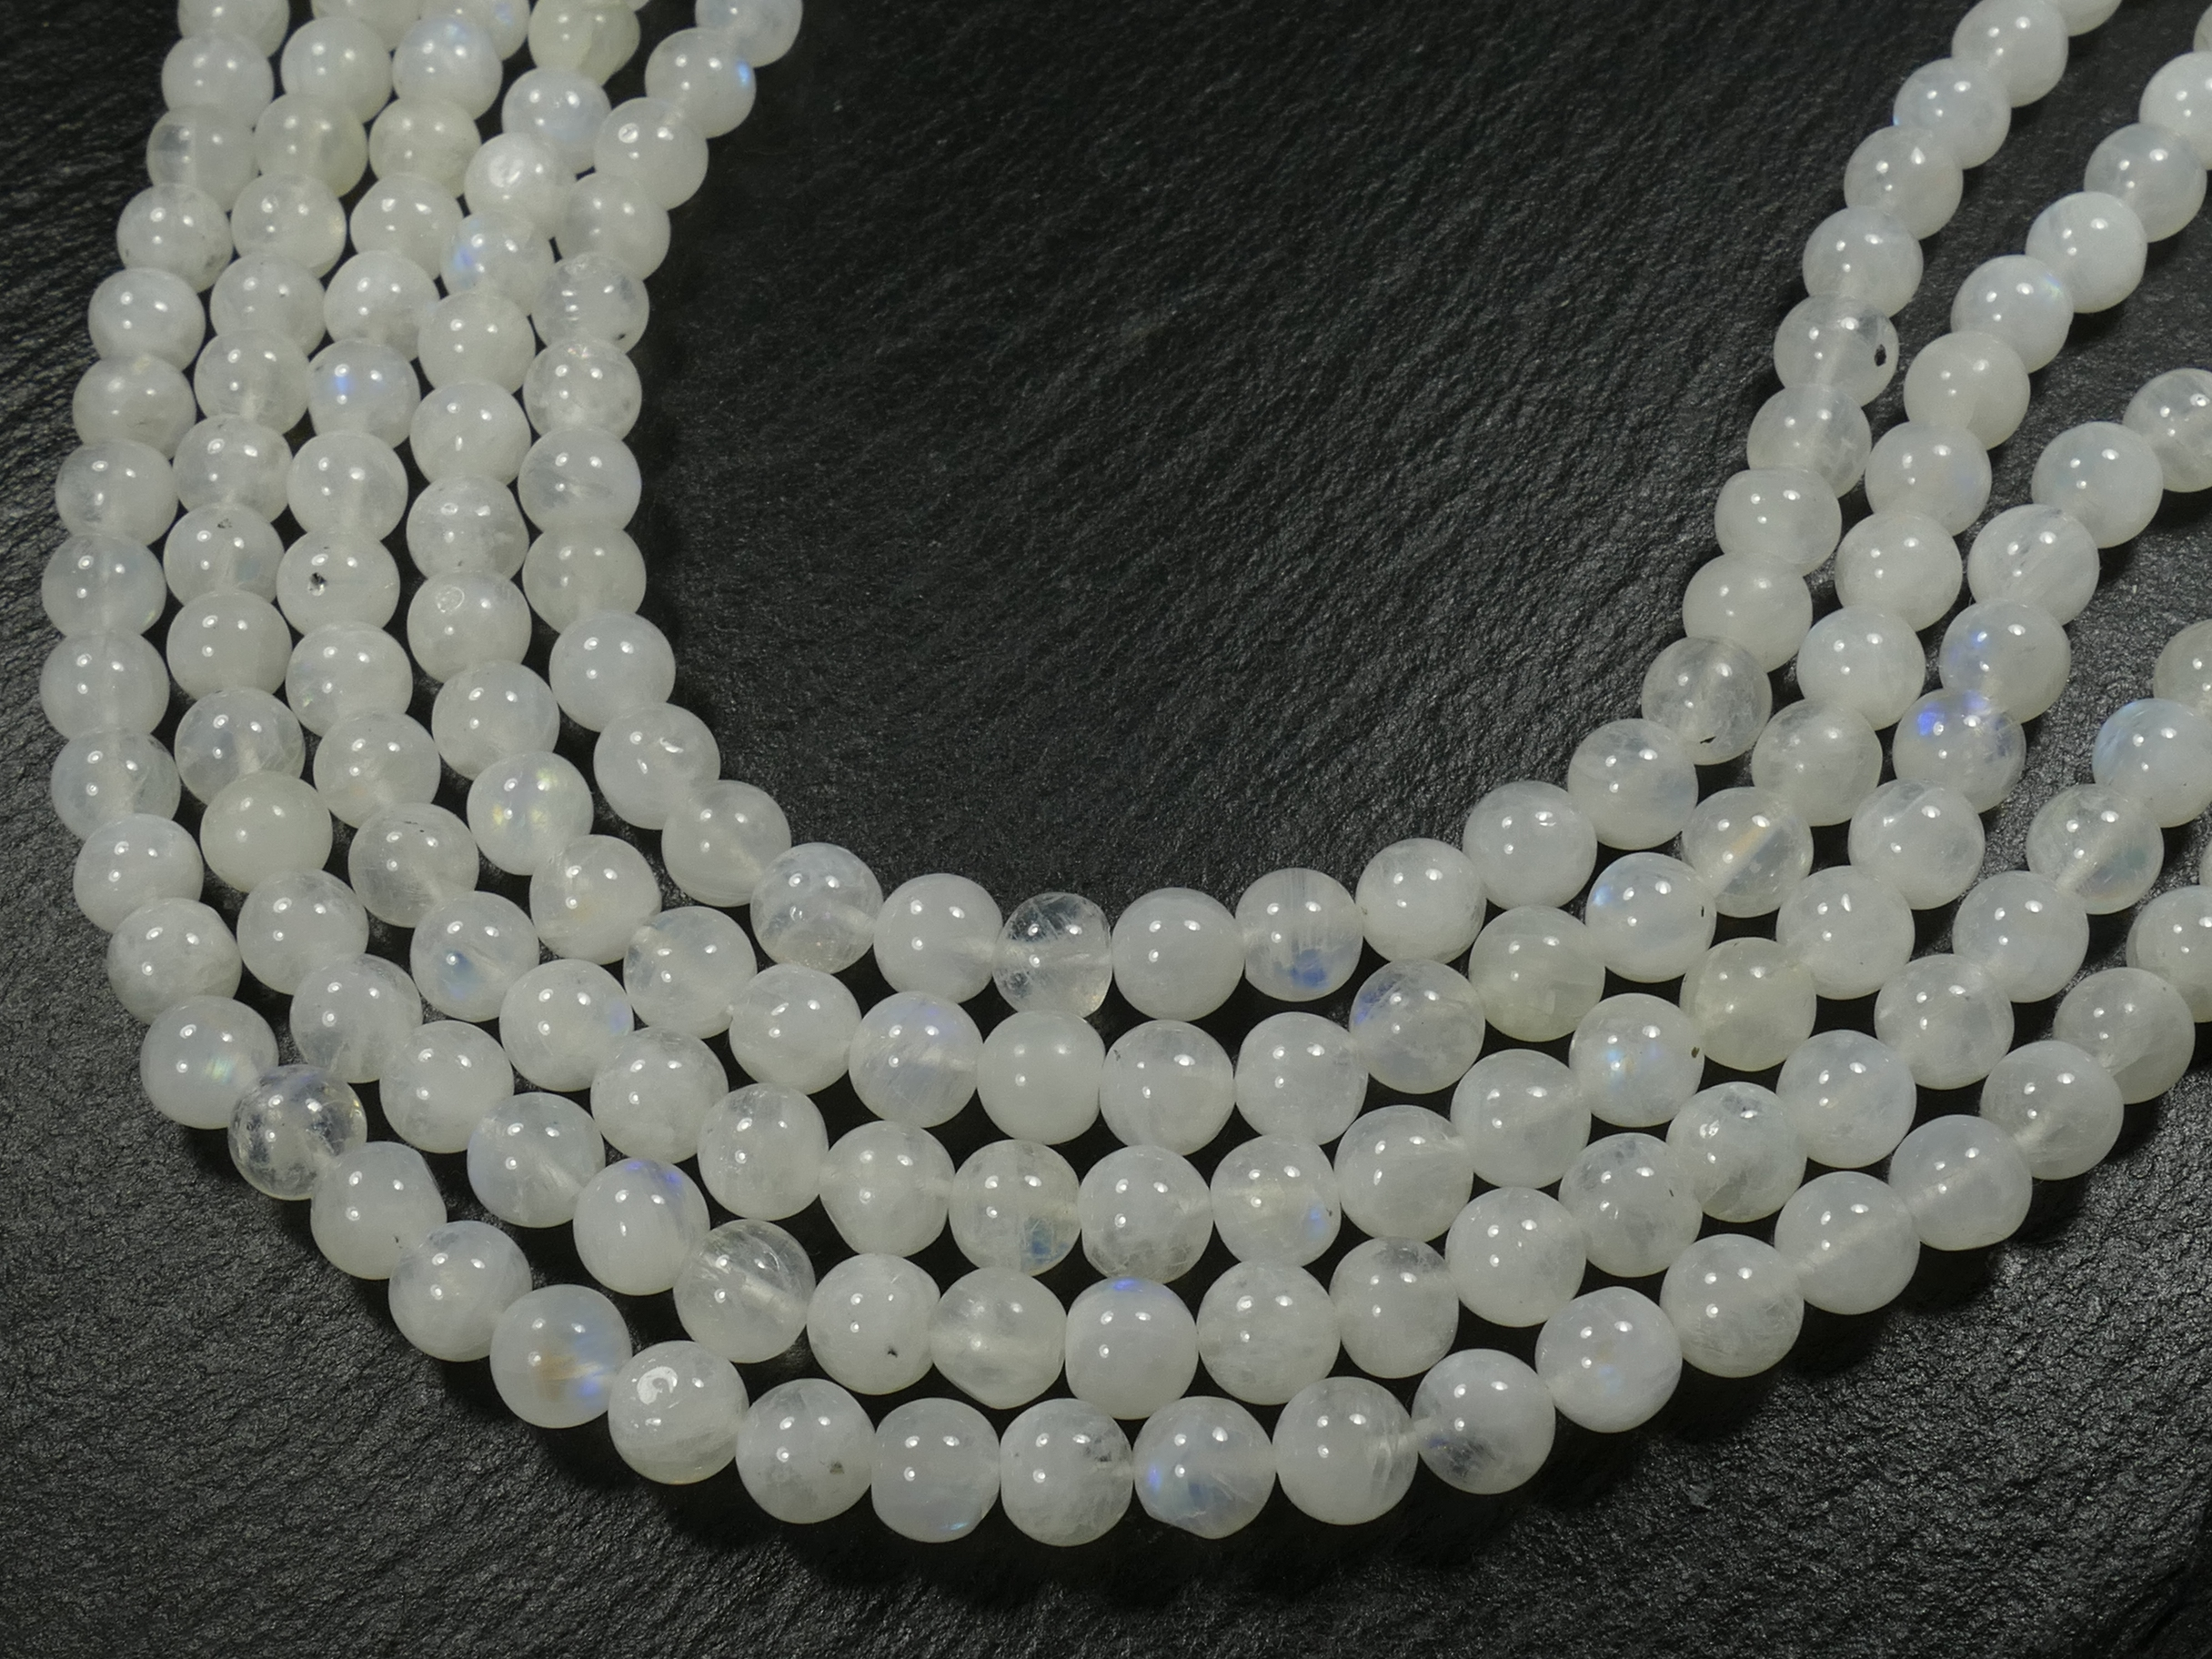 6.6mm Fil de Perles de Pierre de lune naturelle arc-en-ciel ronde lisse d\'Inde x30cm (11.8inch) (#AC851)